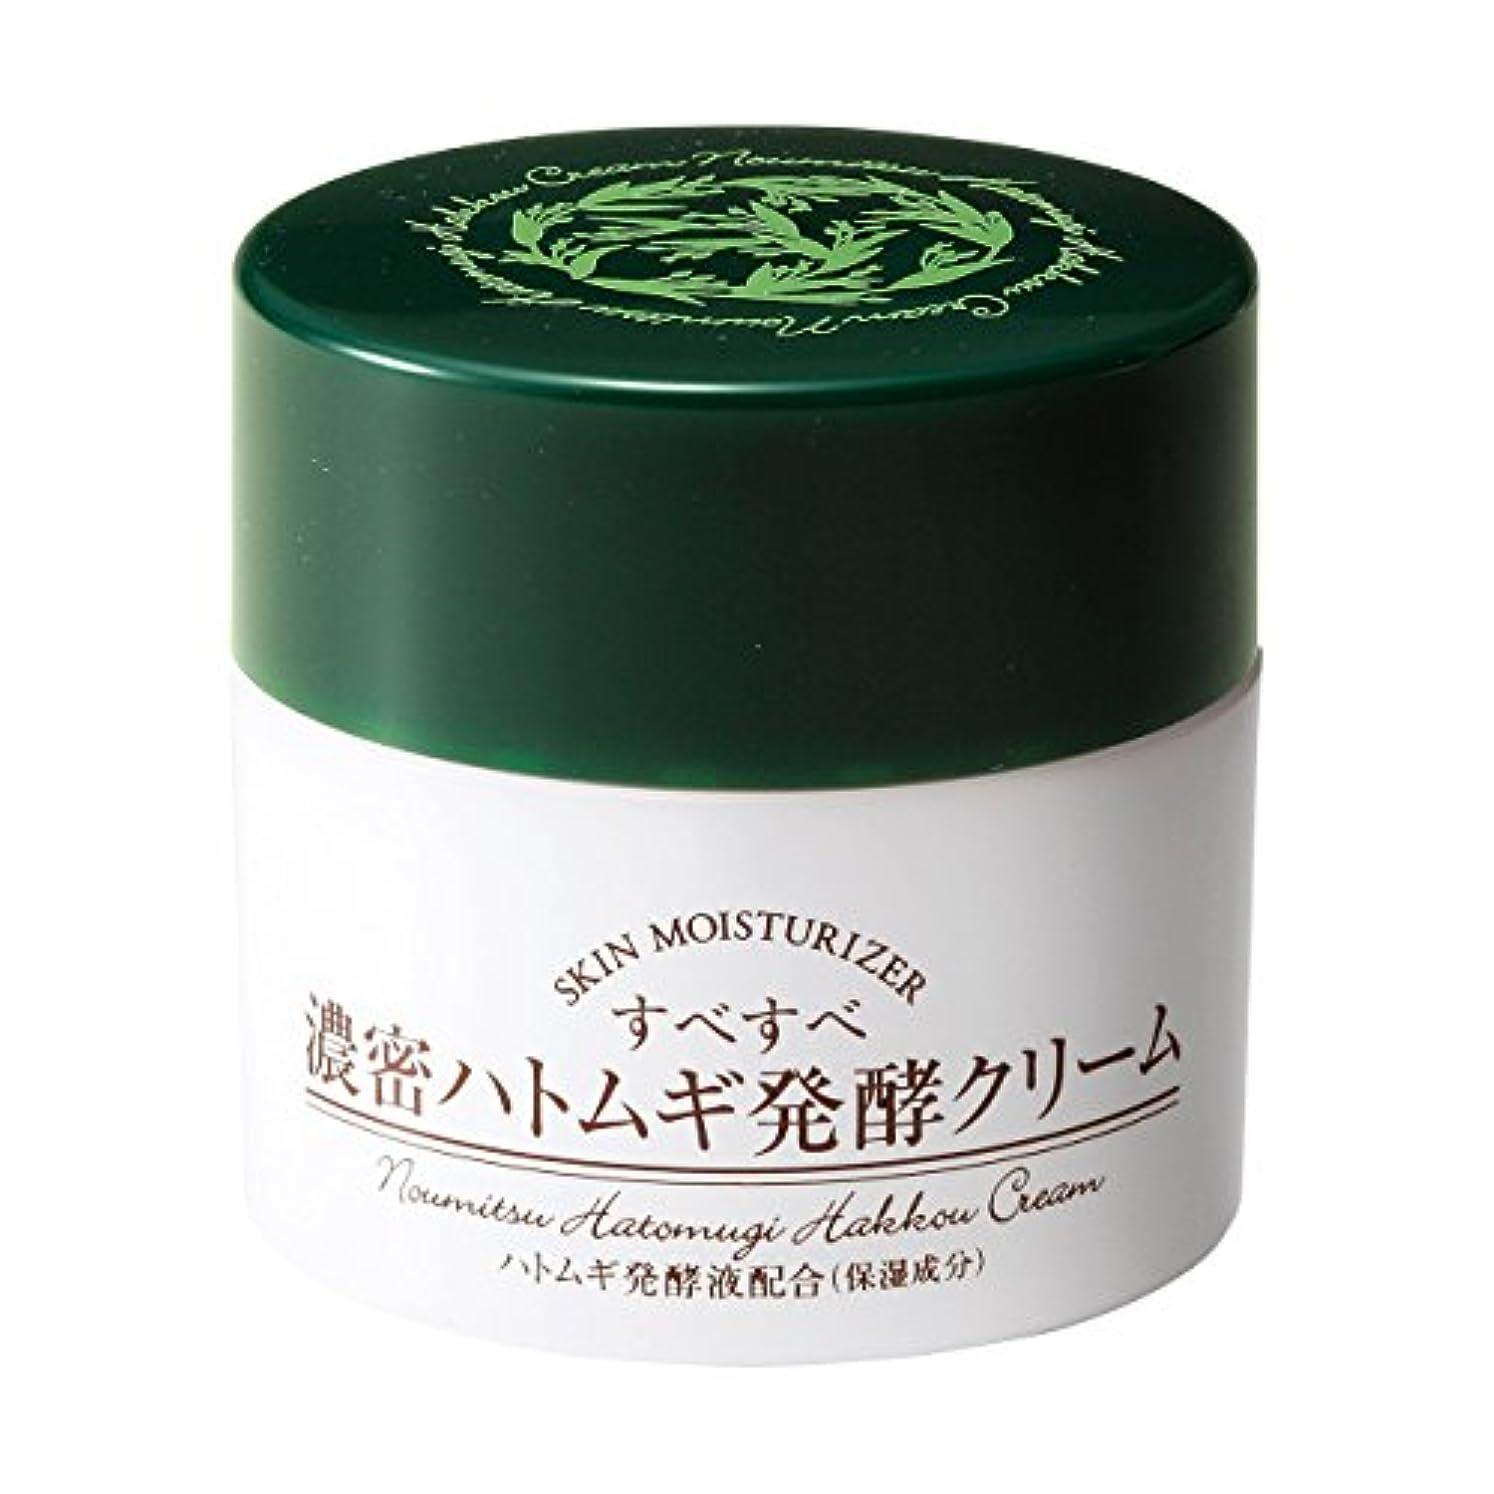 優れたマルコポーロほうきすべすべ濃密ハトムギ発酵 クリーム 59688